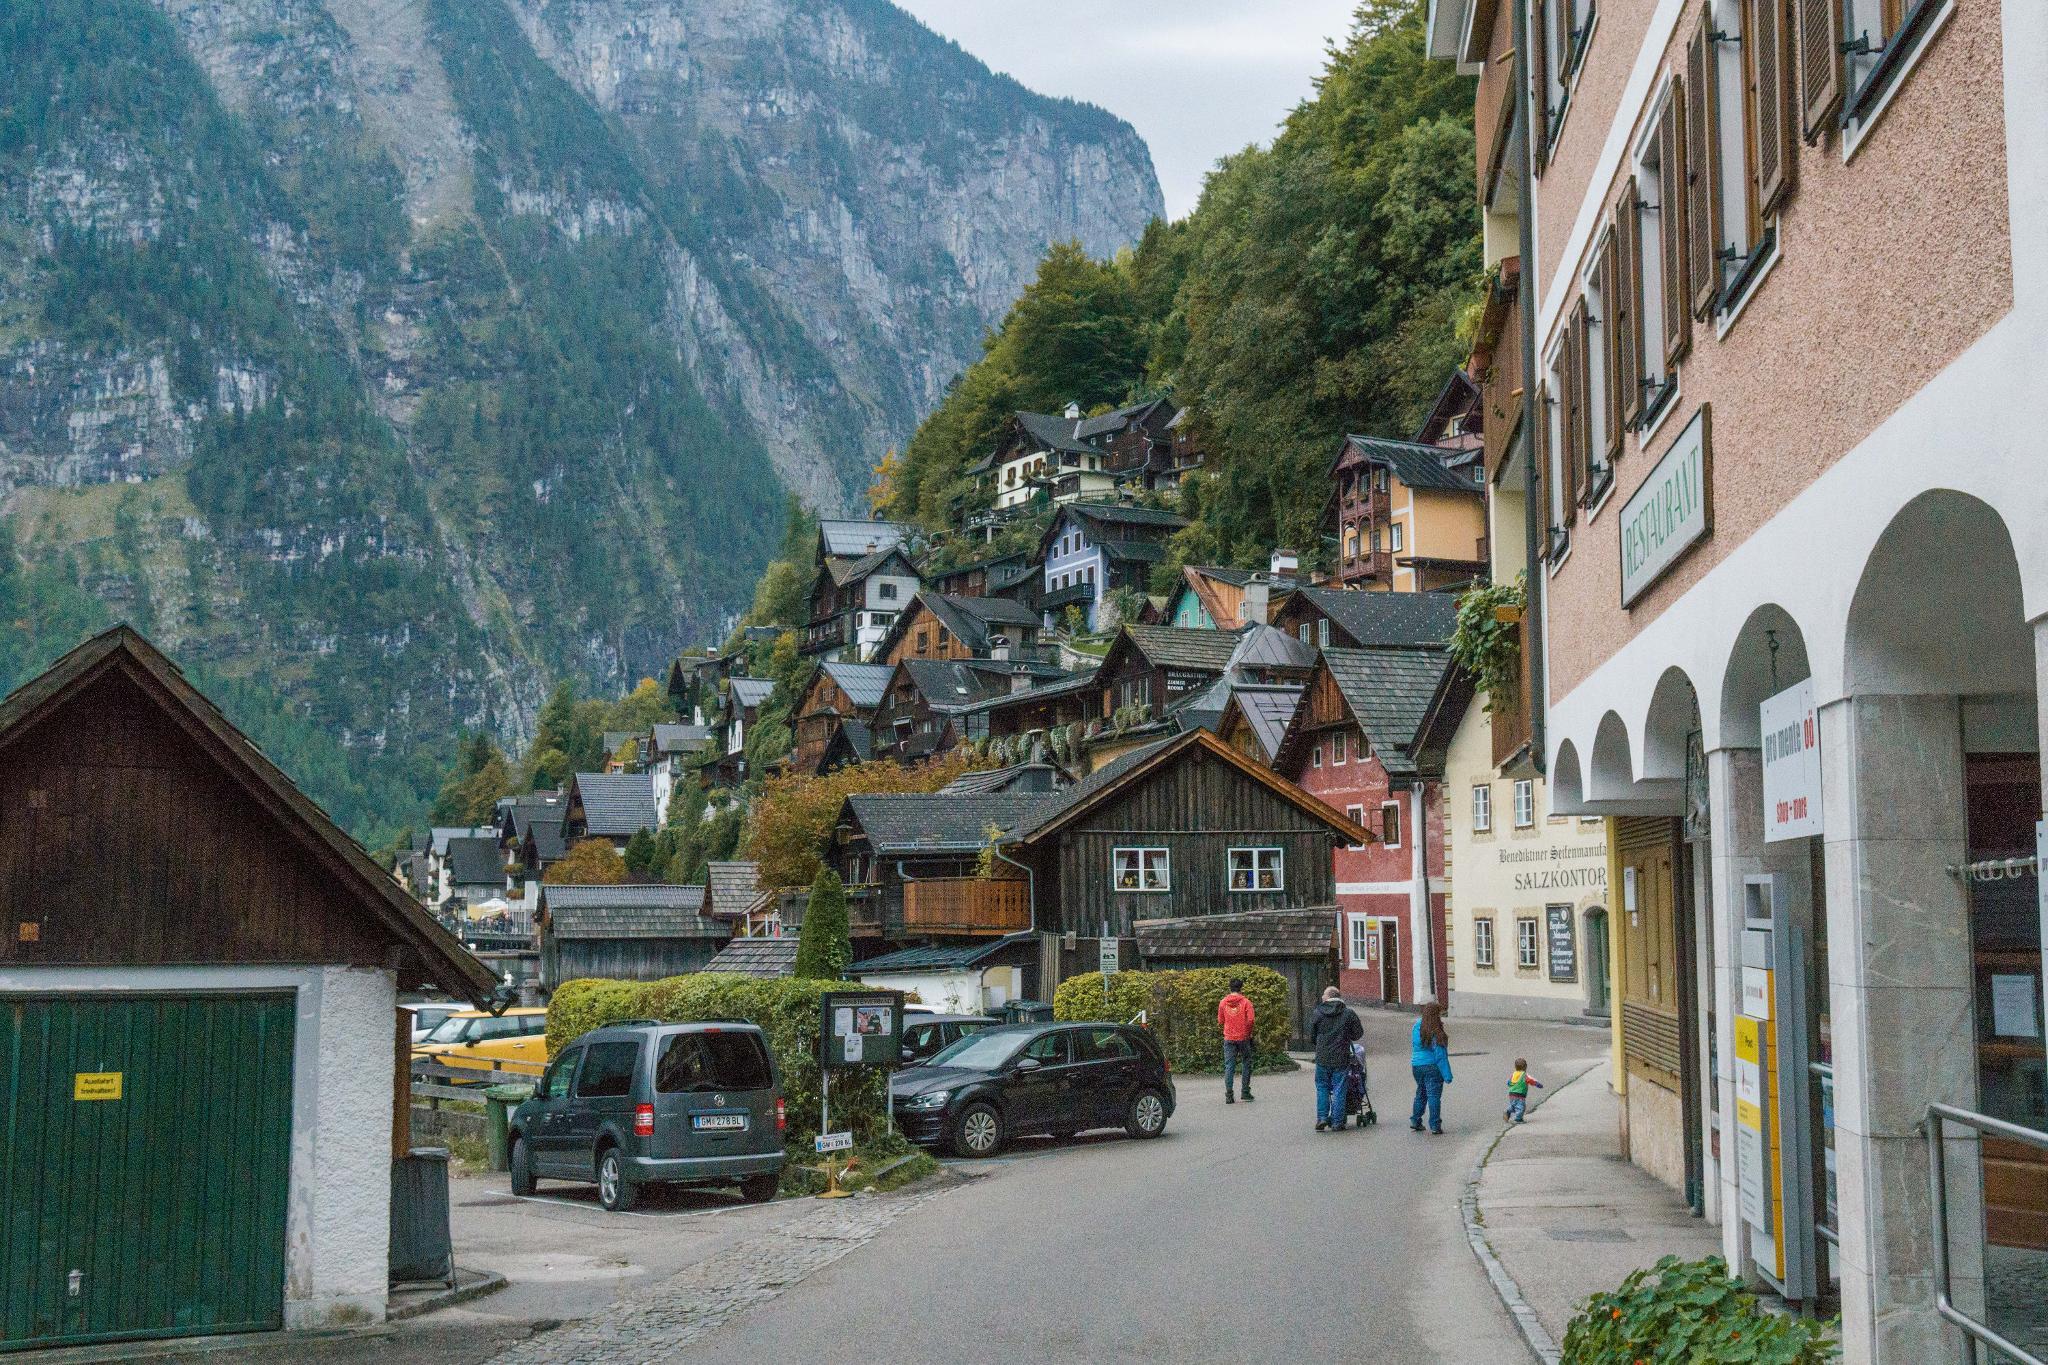 【奧地利】童話仙境 Hallstatt 哈修塔特 — 追逐世界遺產小鎮的夢幻黃金日出 36